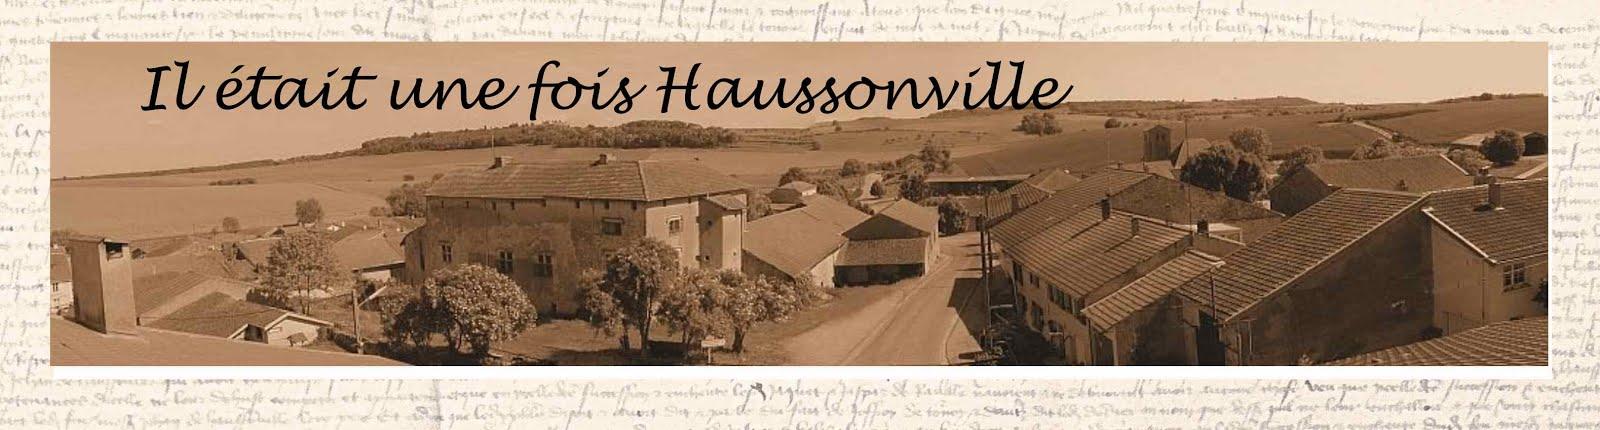 Il était une fois Haussonville